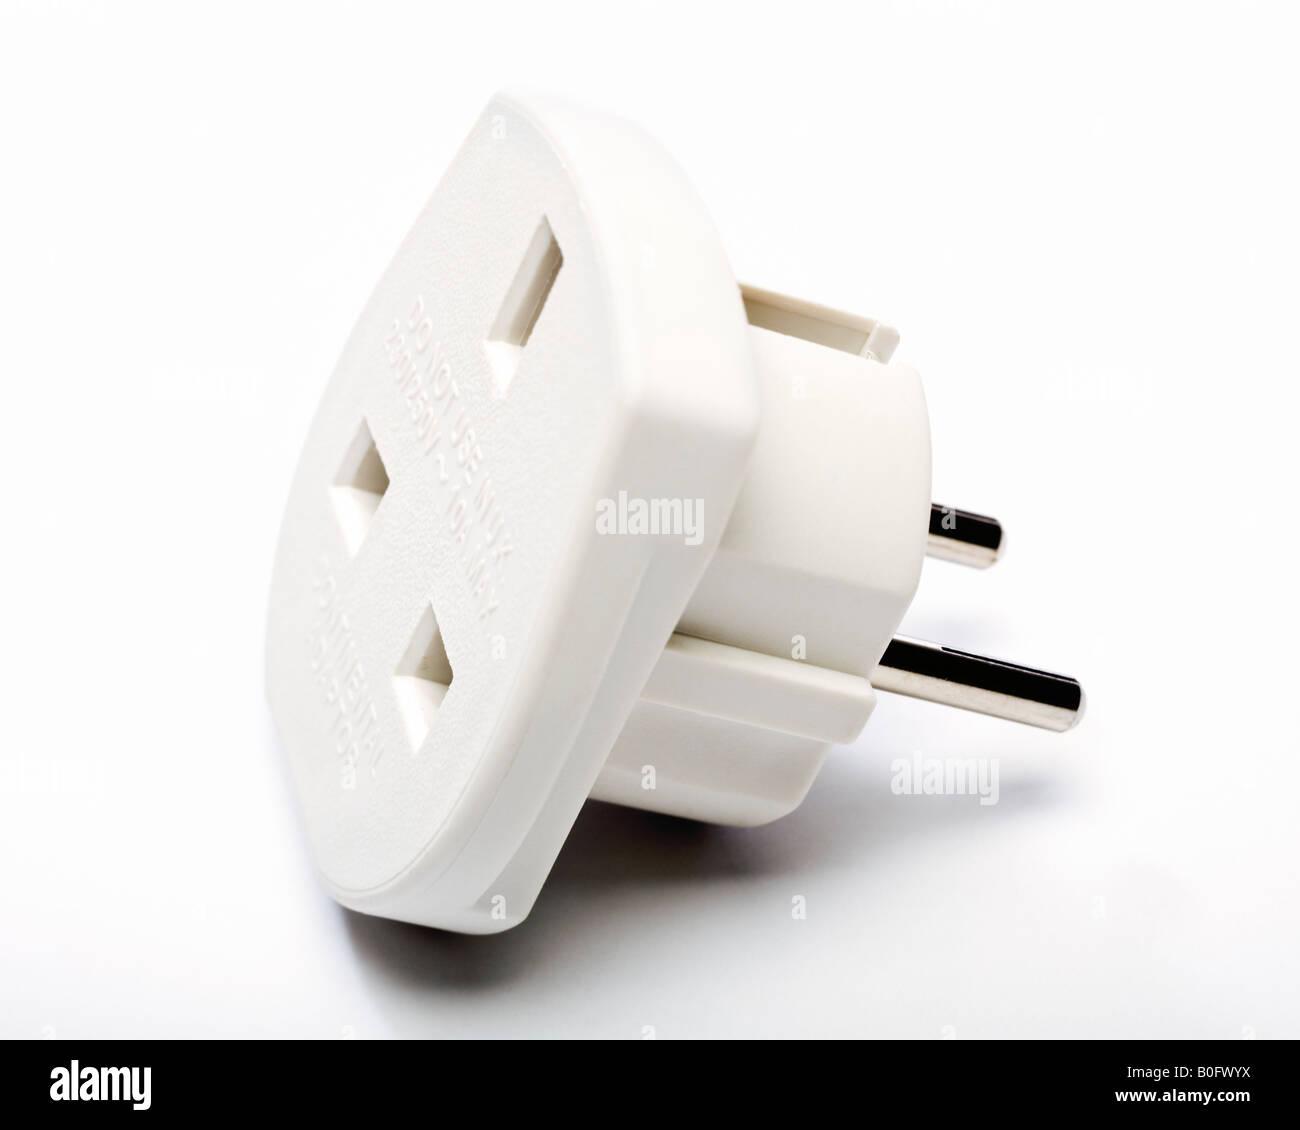 Europäische Stecker-Adapter - UK 3-Pin-Stecker zu europäischen 2 Pin Stecker Reiseadapter Stockbild